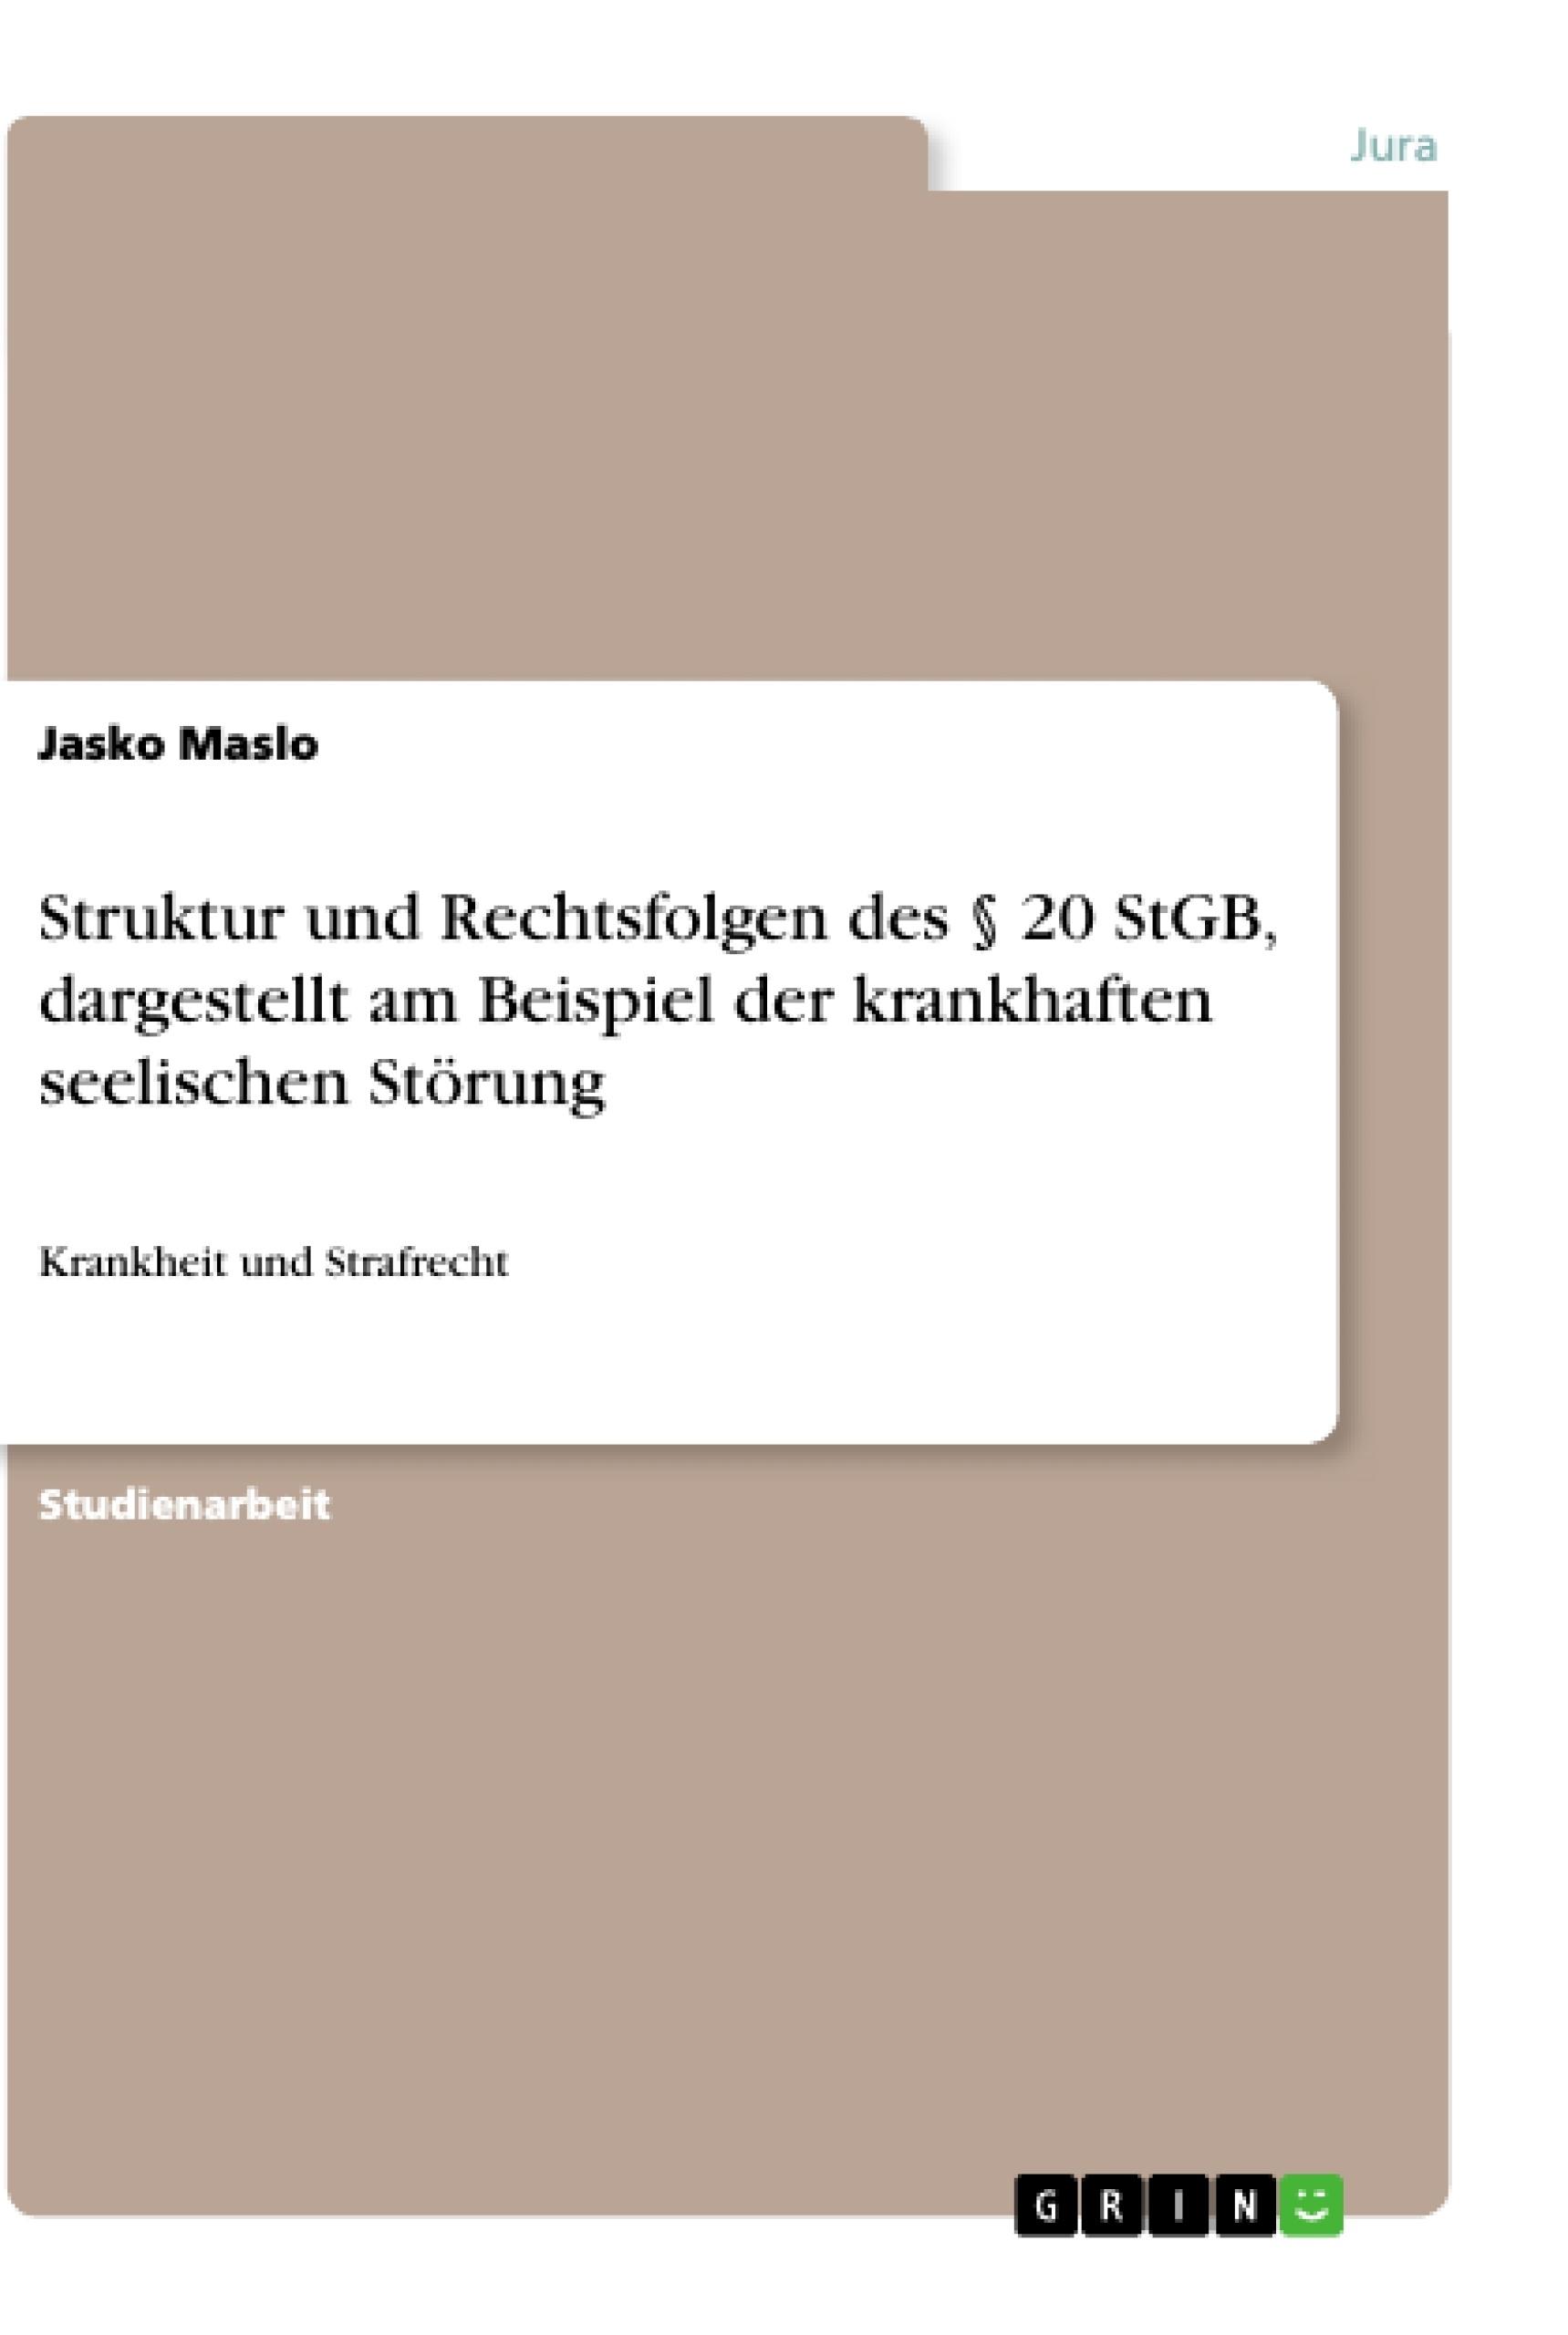 Titel: Struktur und Rechtsfolgen des § 20 StGB, dargestellt am Beispiel der krankhaften seelischen Störung